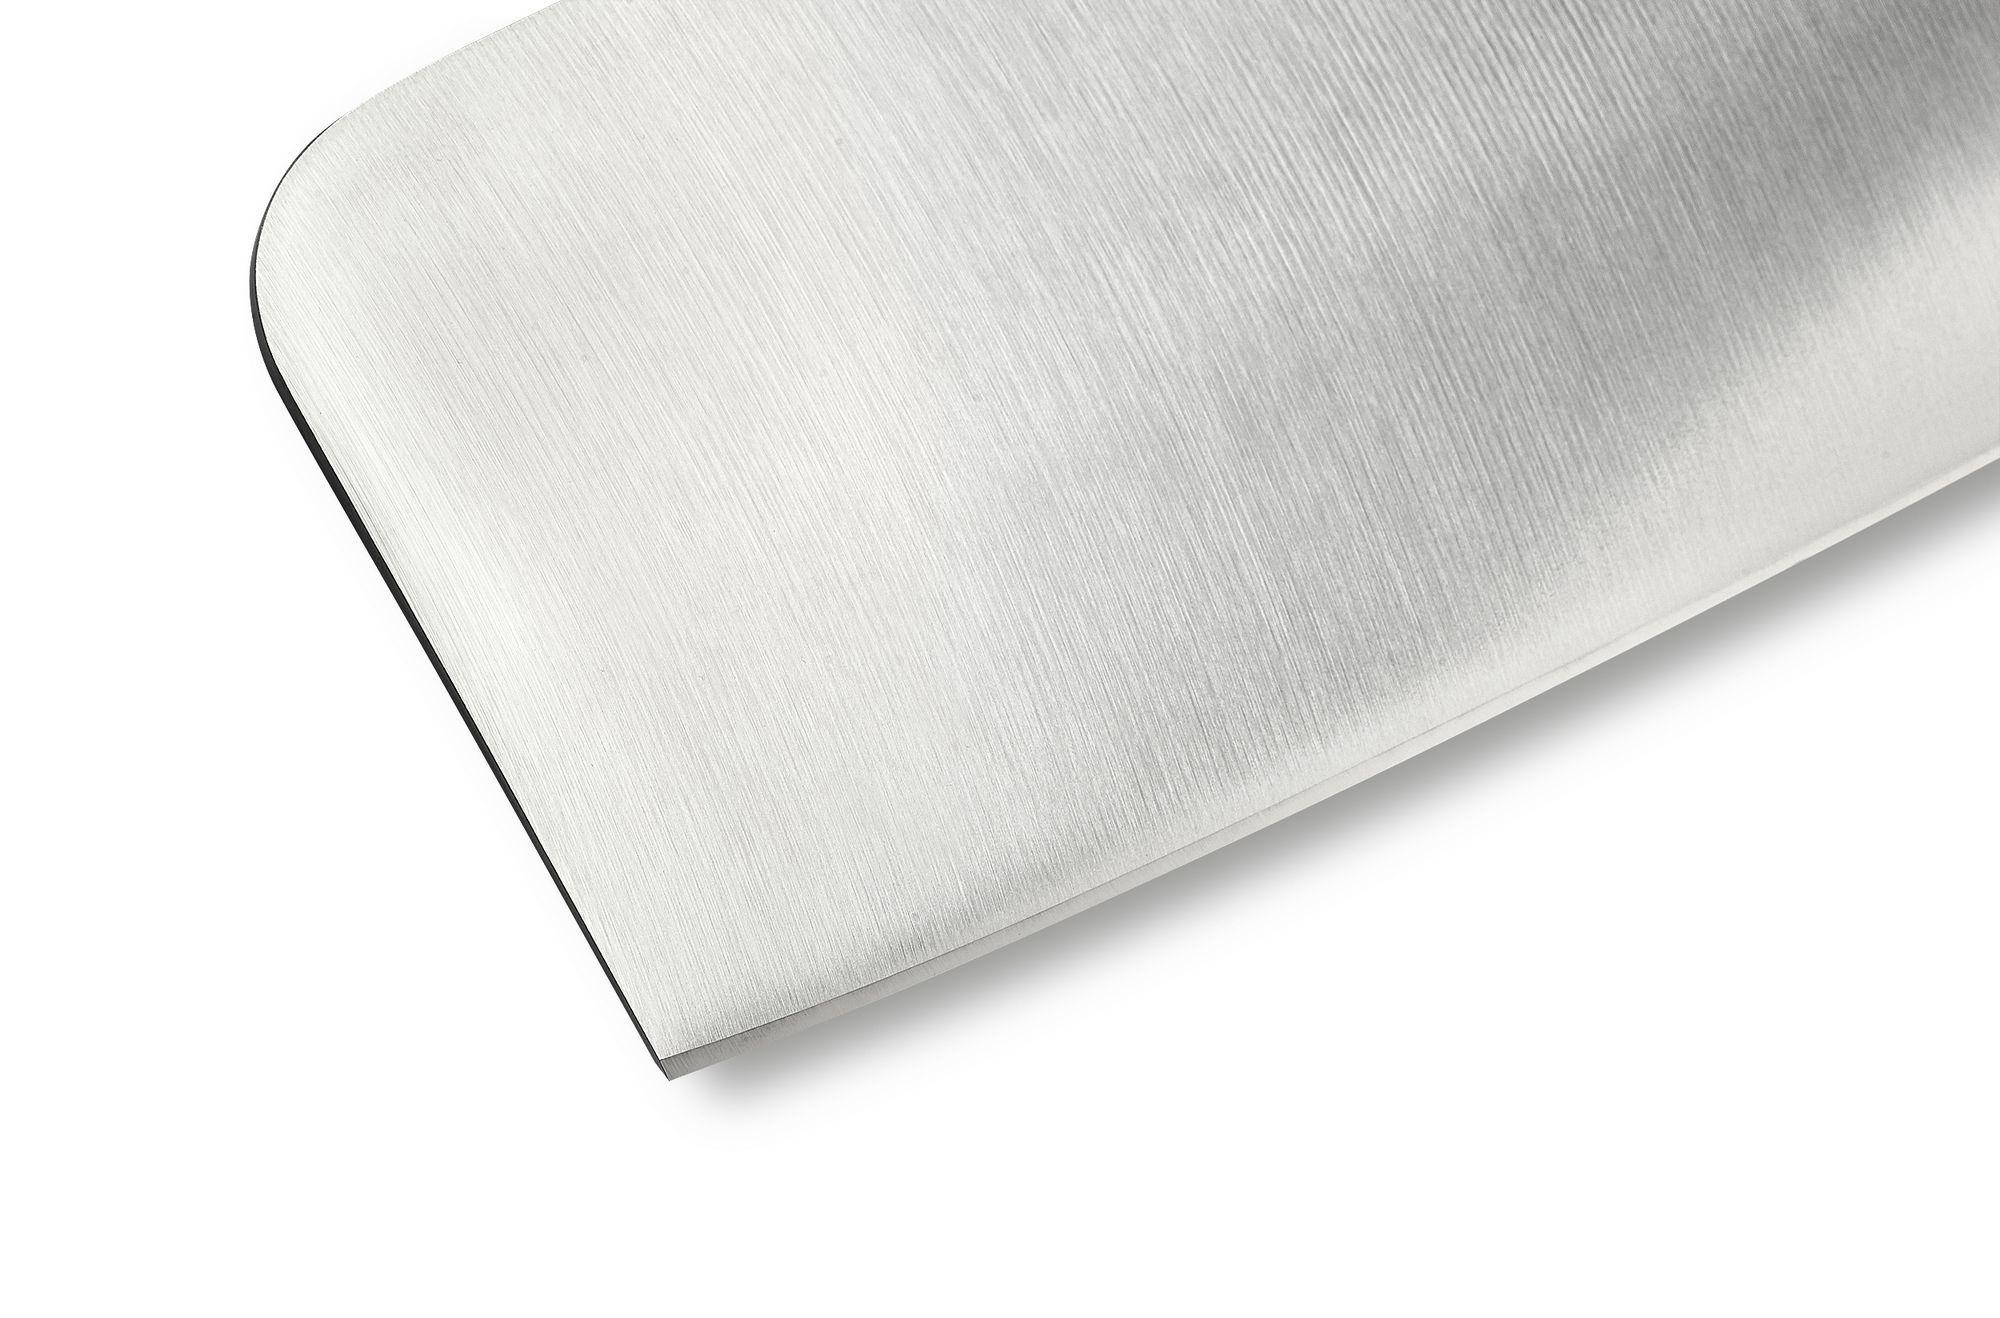 Фото 8 - Топорик кухонный для рубки мяса Samura Bamboo - SBA-0040, сталь AUS-8, рукоять сталь, 180 мм